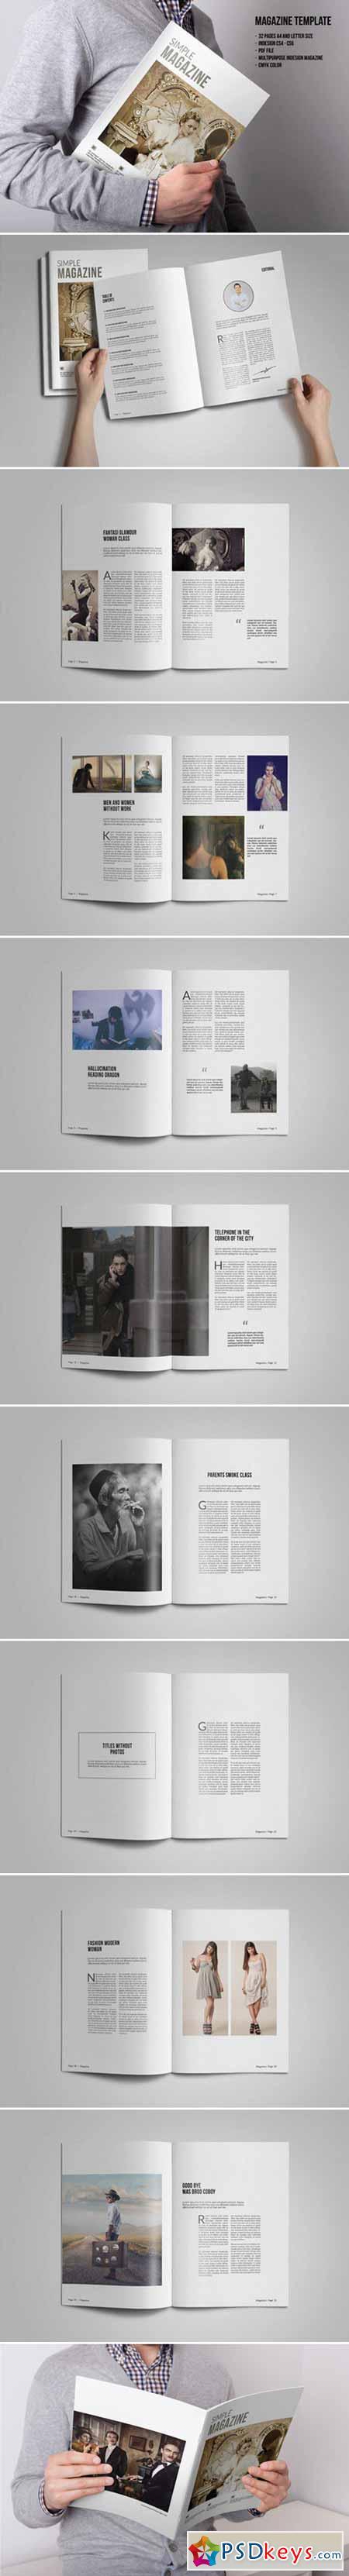 Multipurpose Magazine Template 382525